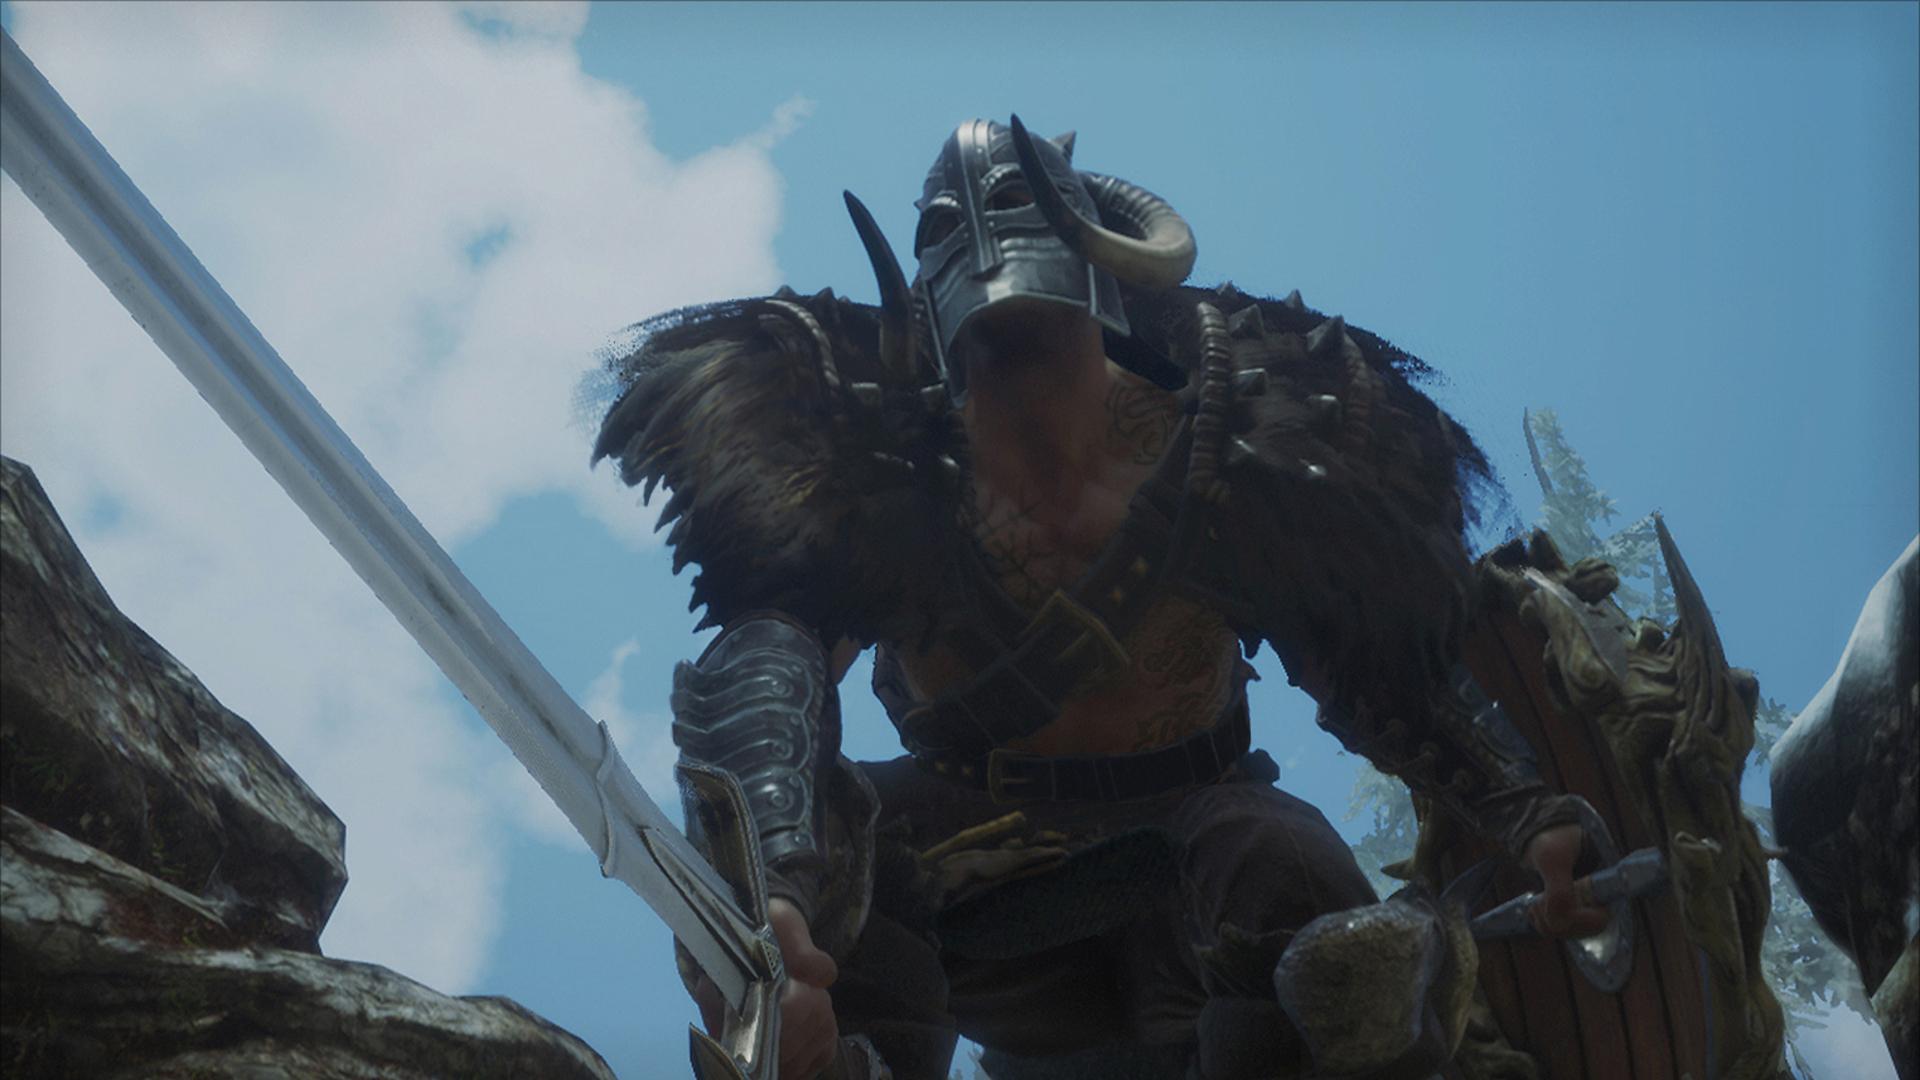 Rune превратилась в Rune II и стала эксклюзивом Epic Games Store